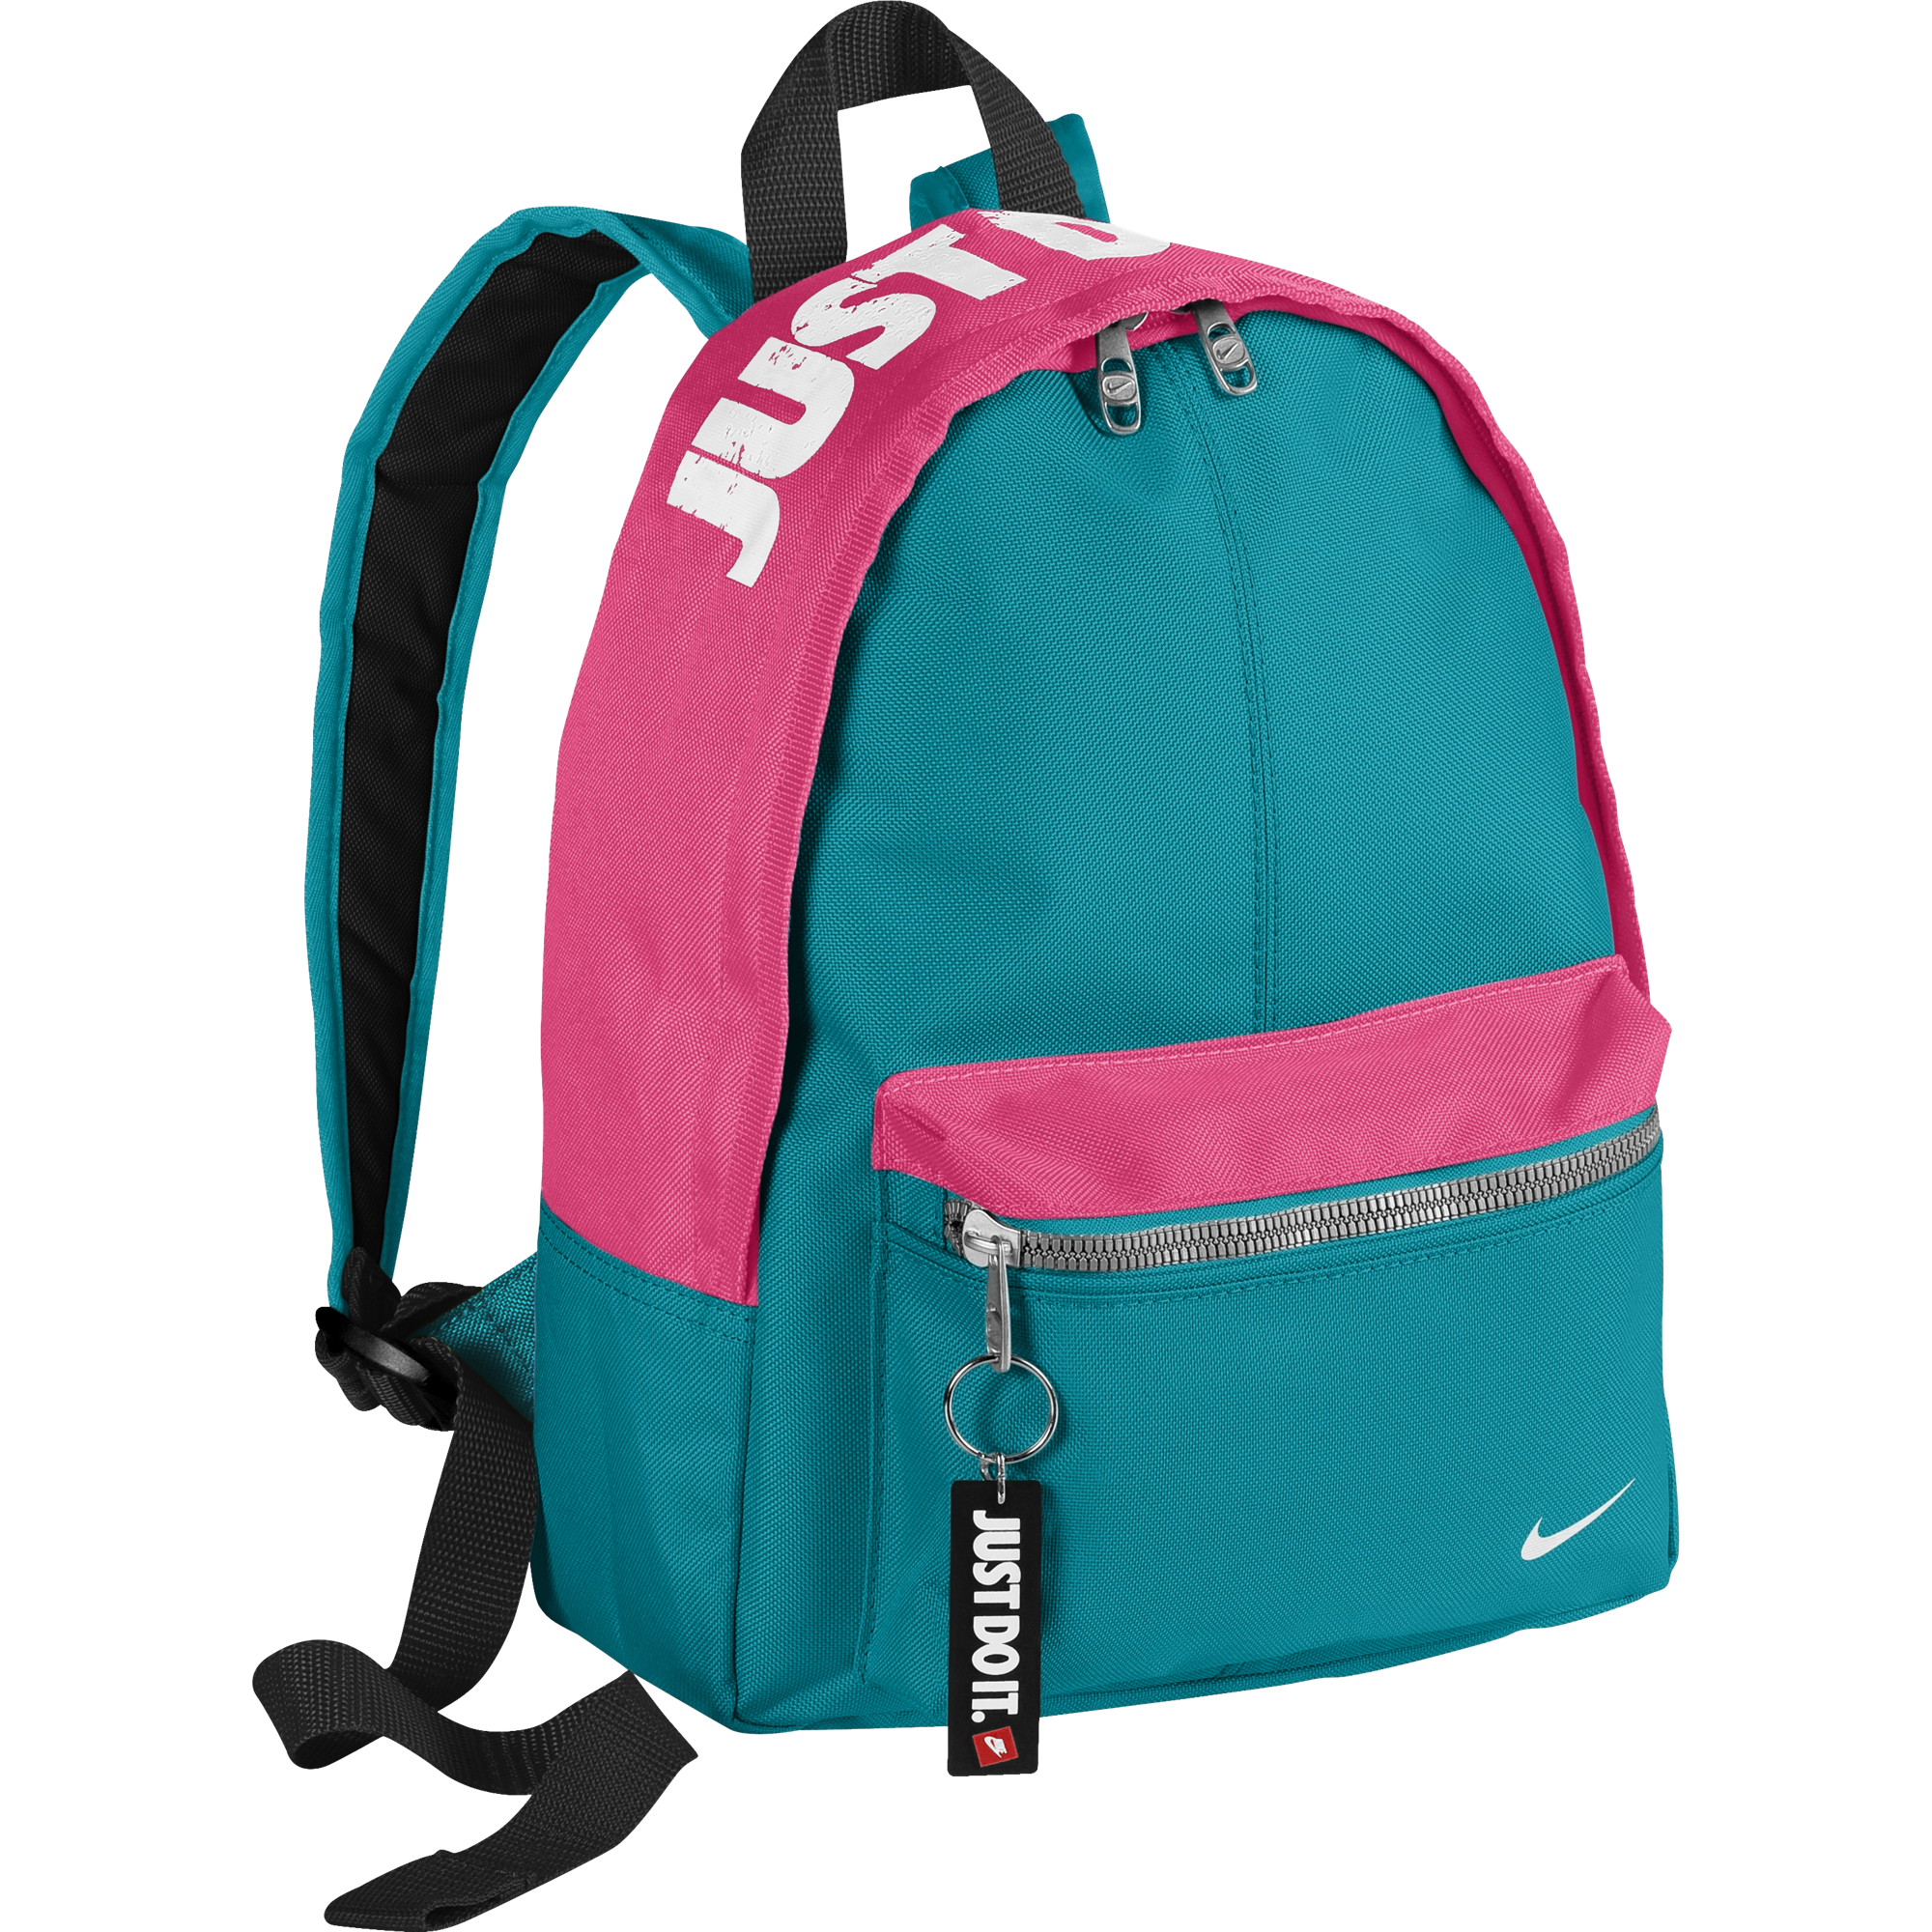 Nike Kids Nike Classic Backpack Gyerek HÁtizsÁk Ba4606-418 Gyerek Taska  hatizsak 6c324d4ce9